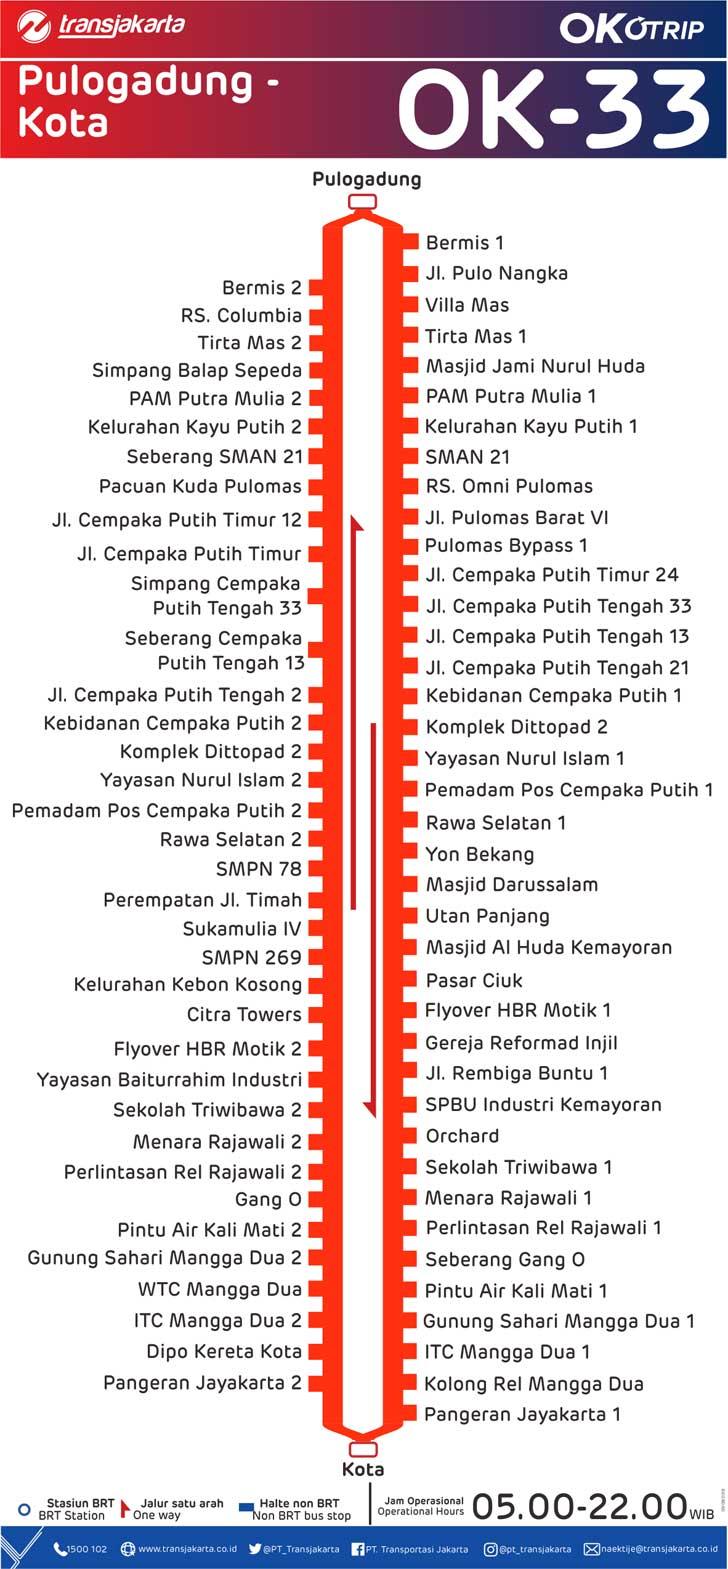 peta rute transjakarta pulogadung kota